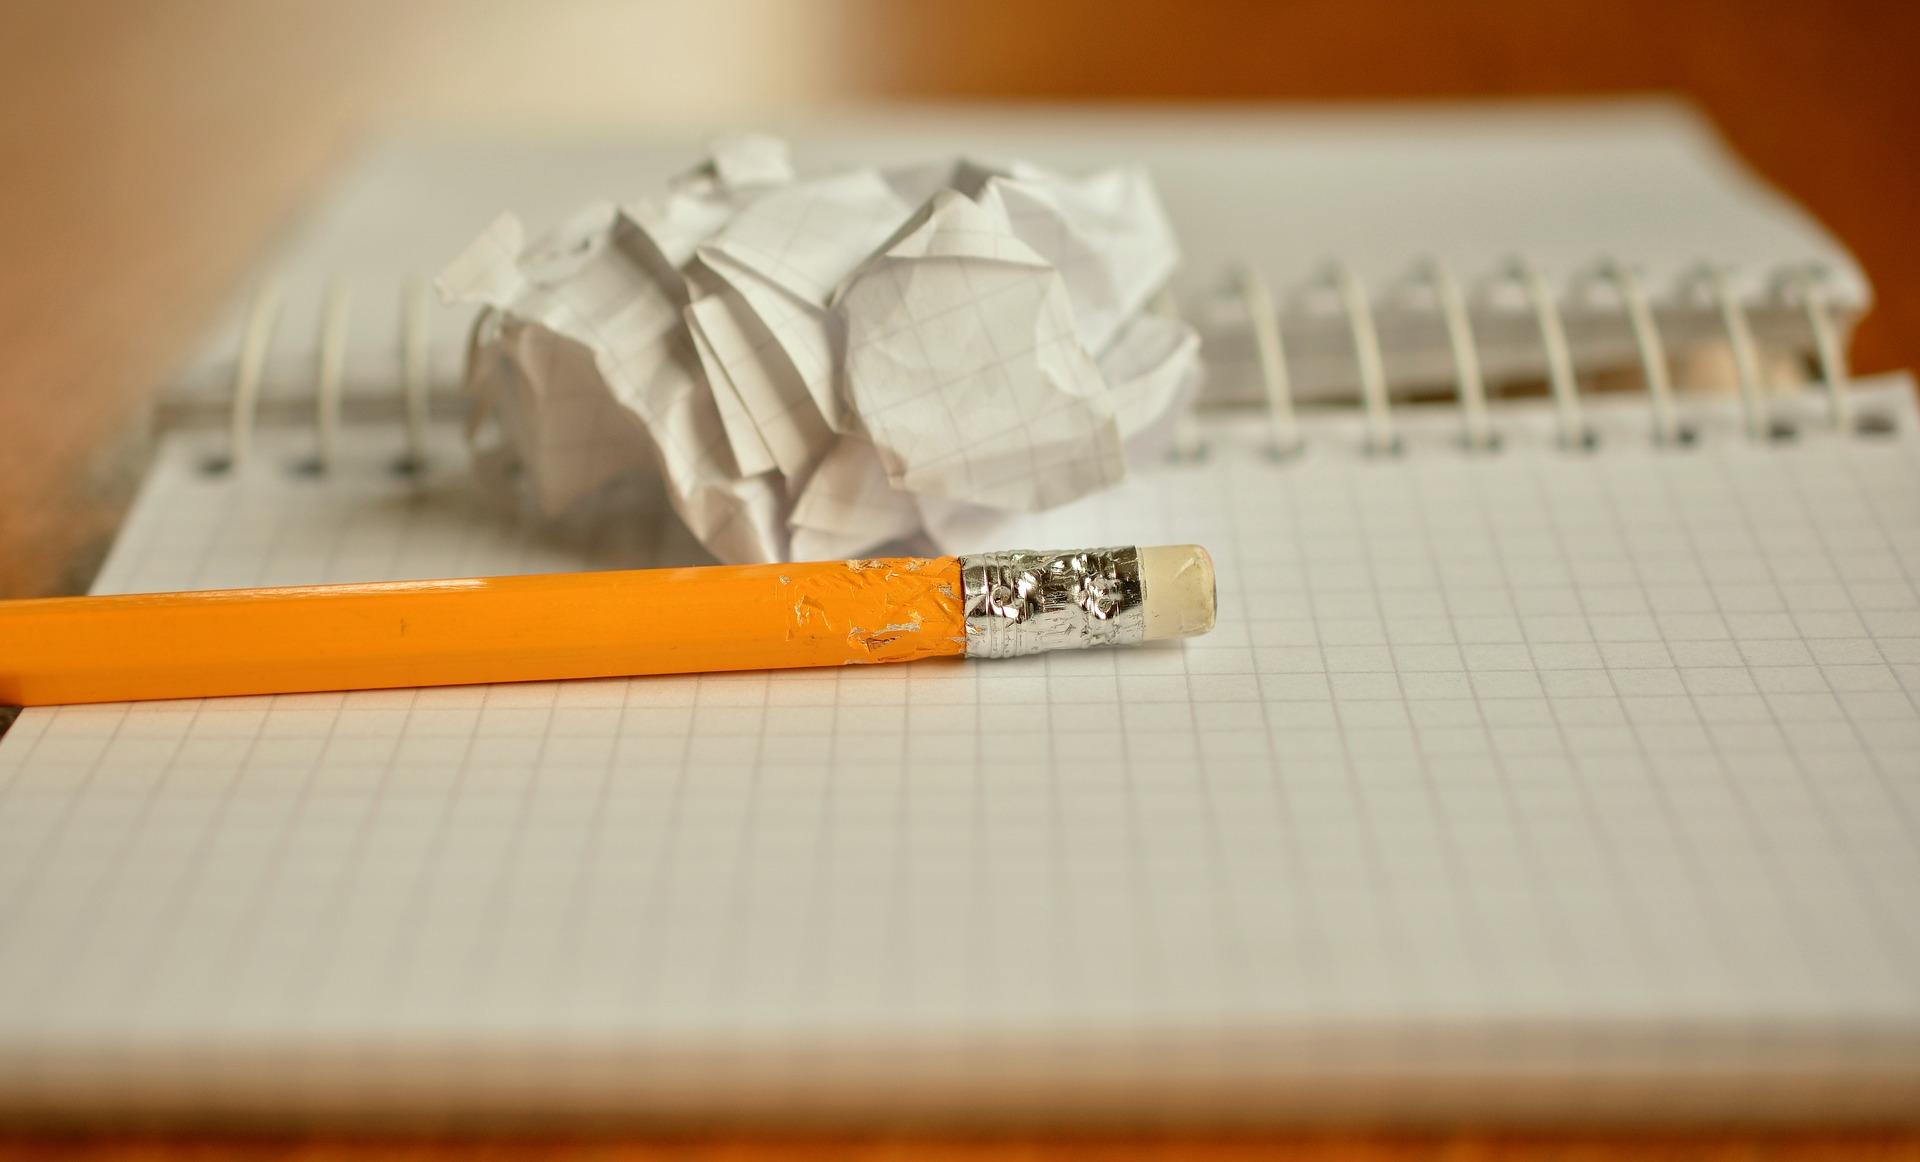 噛まれた鉛筆と丸められたメモ用紙